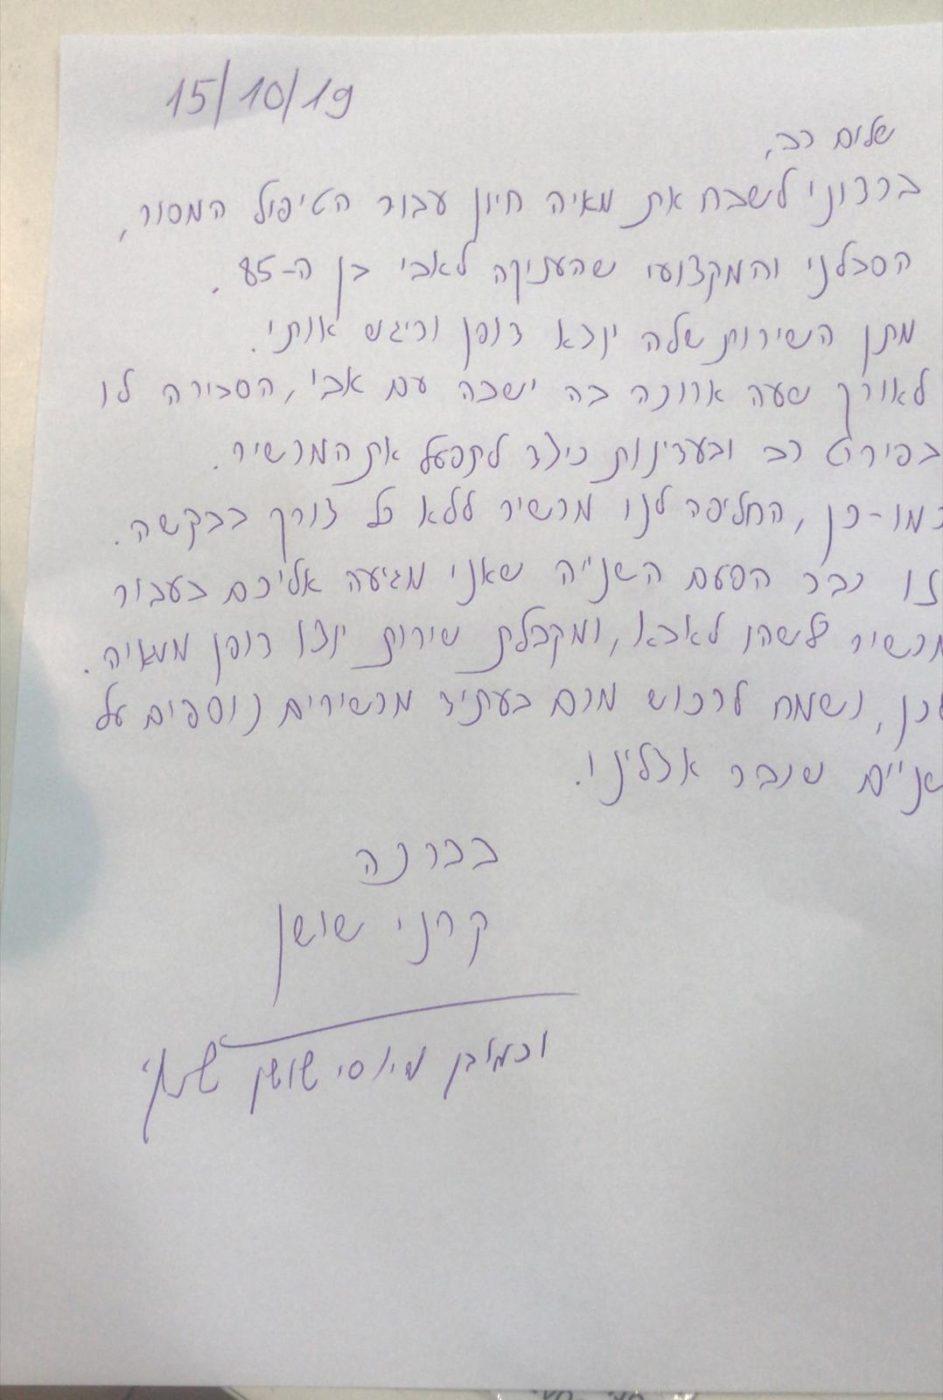 מכתב תודה למאיה חיון מקרני שושן